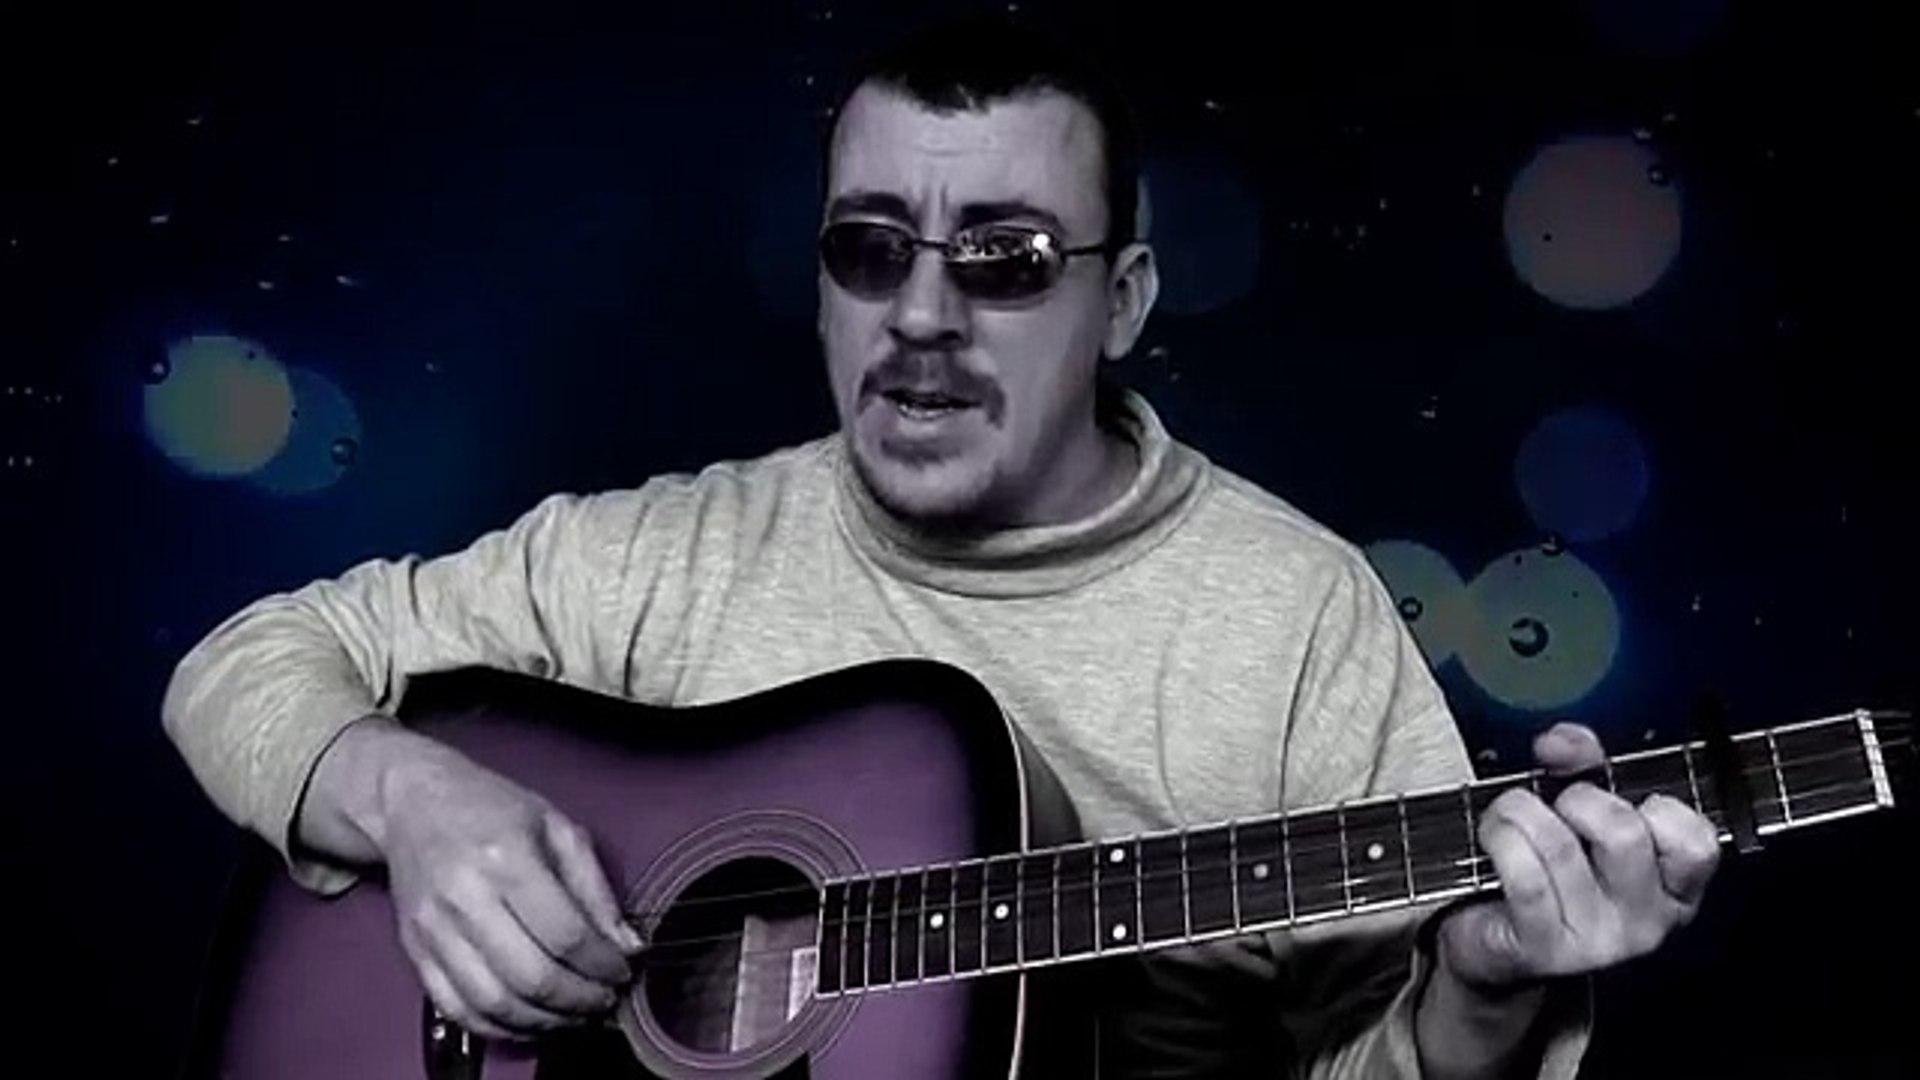 Kad ljubav zakasni - SASA MATIC (cover by Nitro)